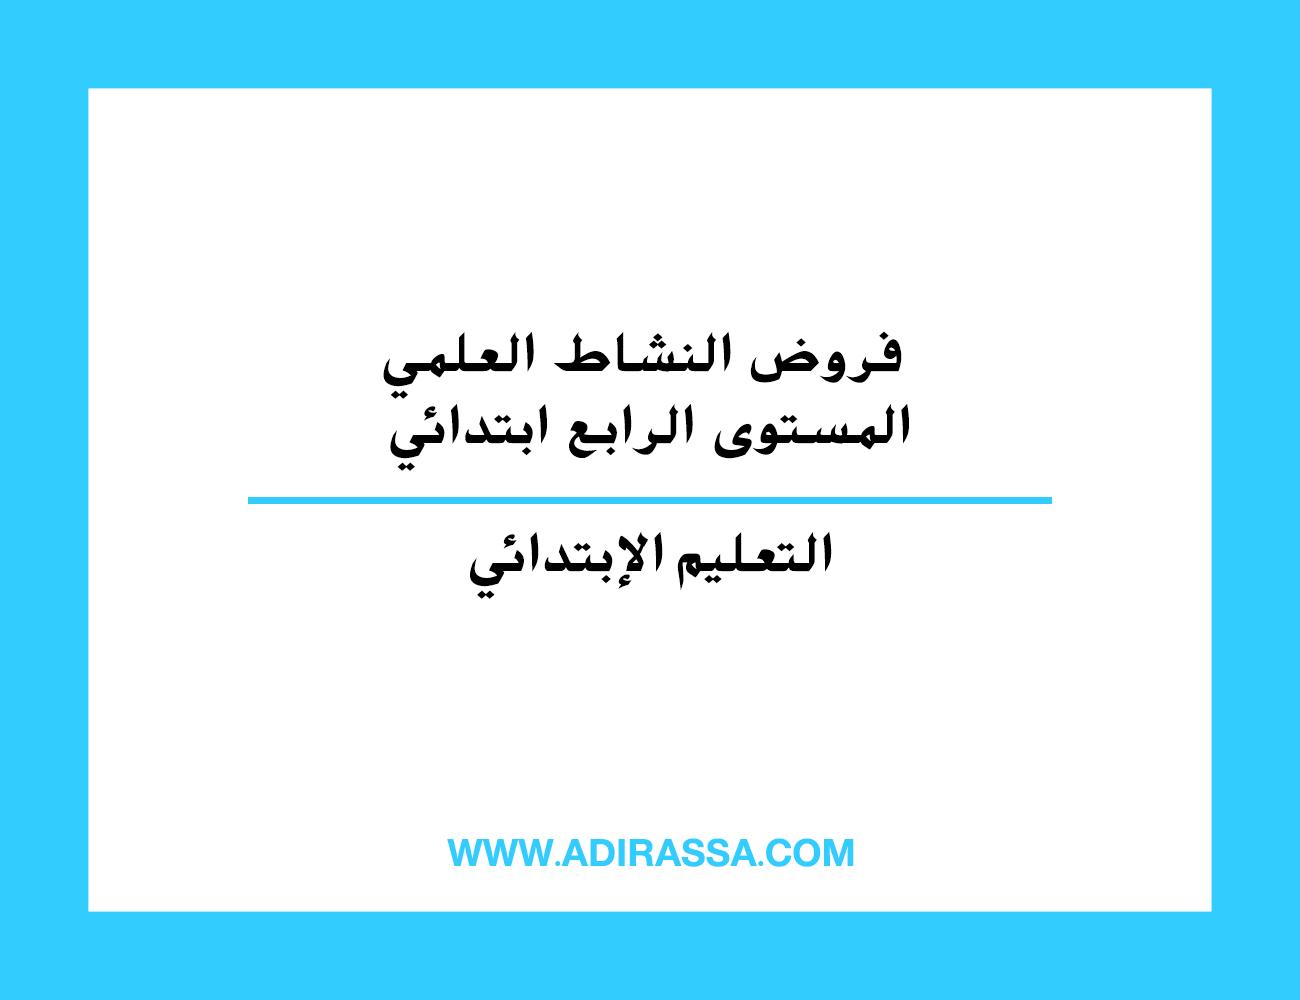 فروض النشاط العلمي المستوى الرابع ابتدائي في المدرسة المغربية